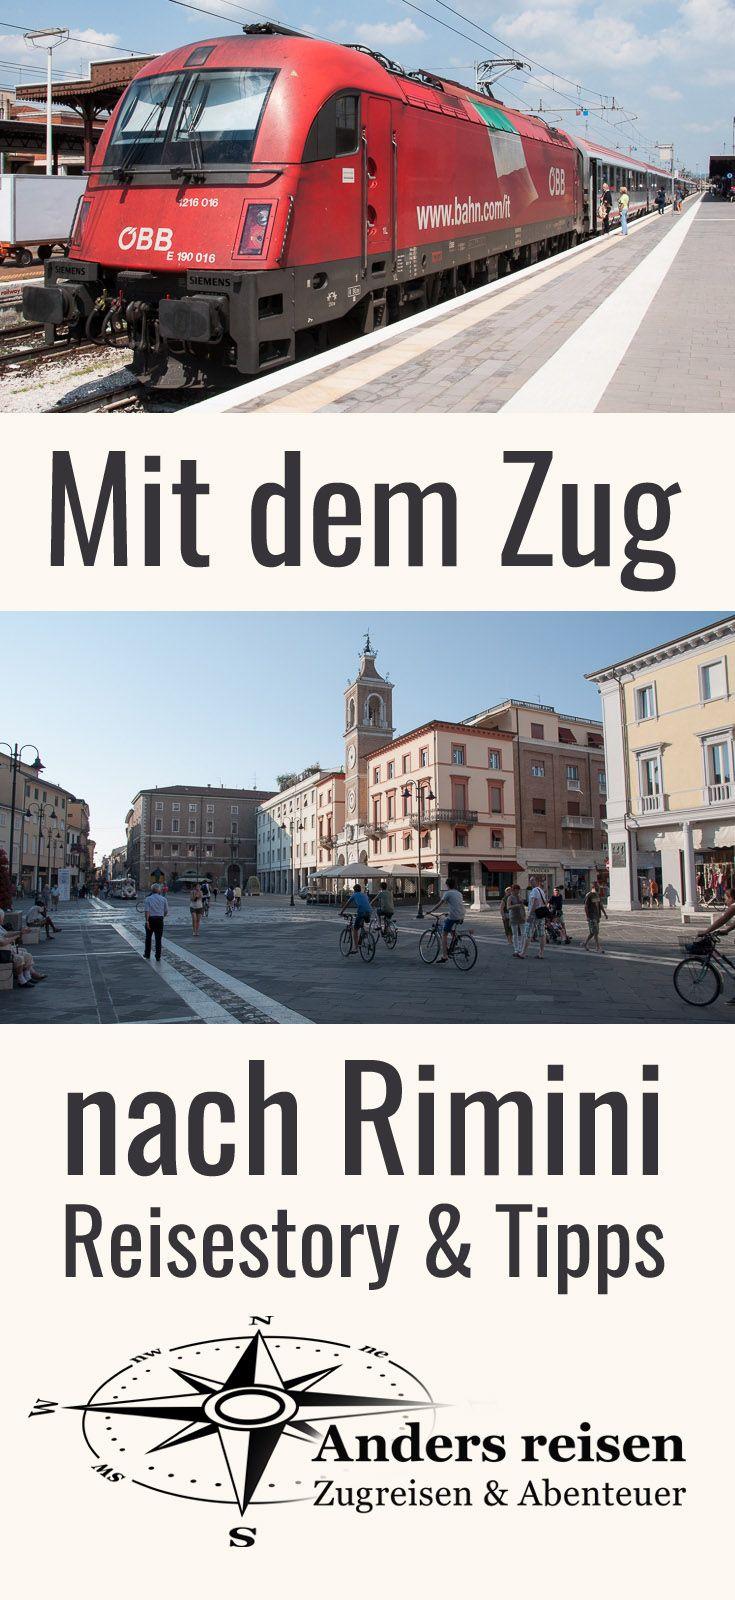 Direkter Zug Nach Rimini Bequem In Den Urlaub Reisetipps